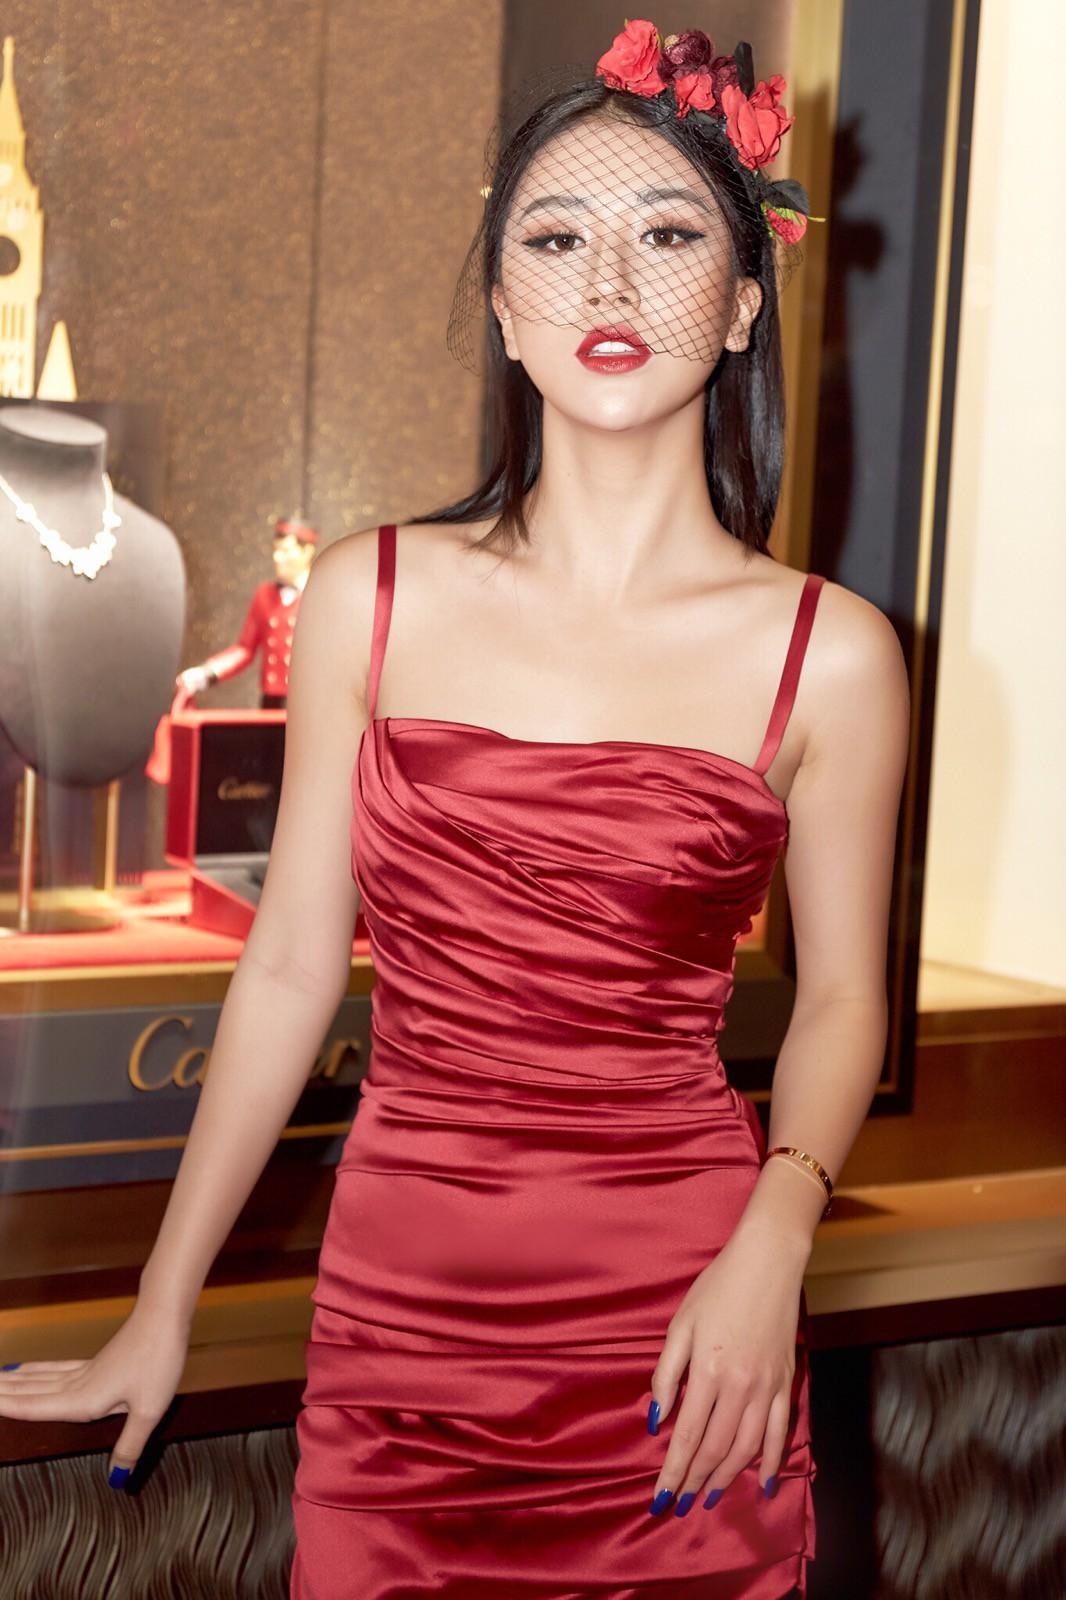 Quên Quỳnh Anh Shyn của ngày xưa đi, nàng hot girl giờ đi sự kiện cũng nổi và chịu chơi chẳng kém celeb nào! - Ảnh 1.